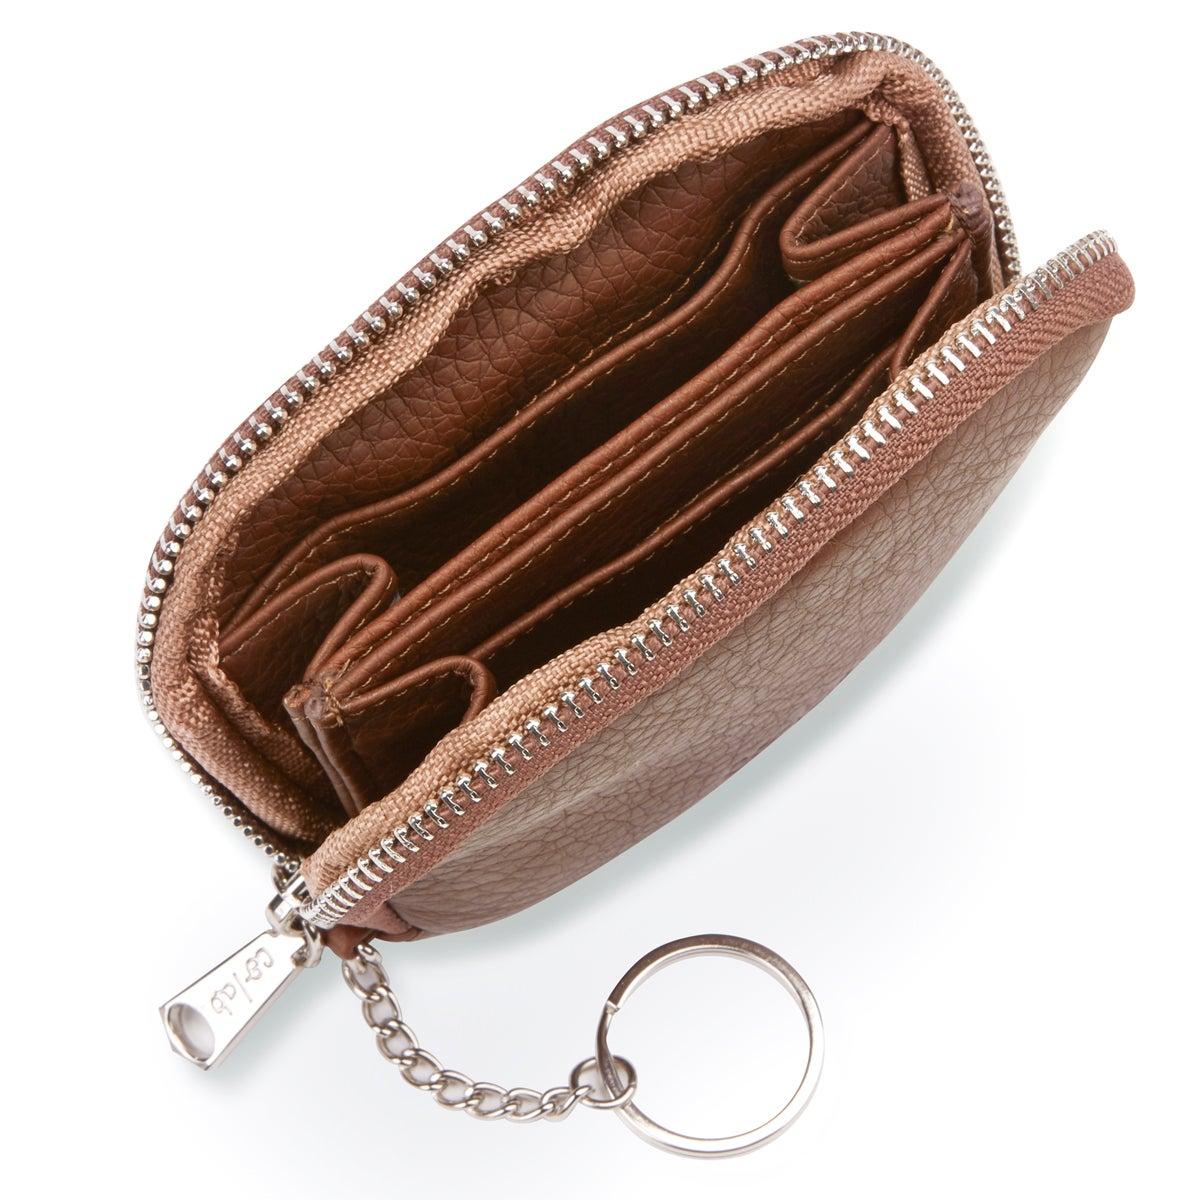 Porte-monnaie zippé 4888, cognac, femmes